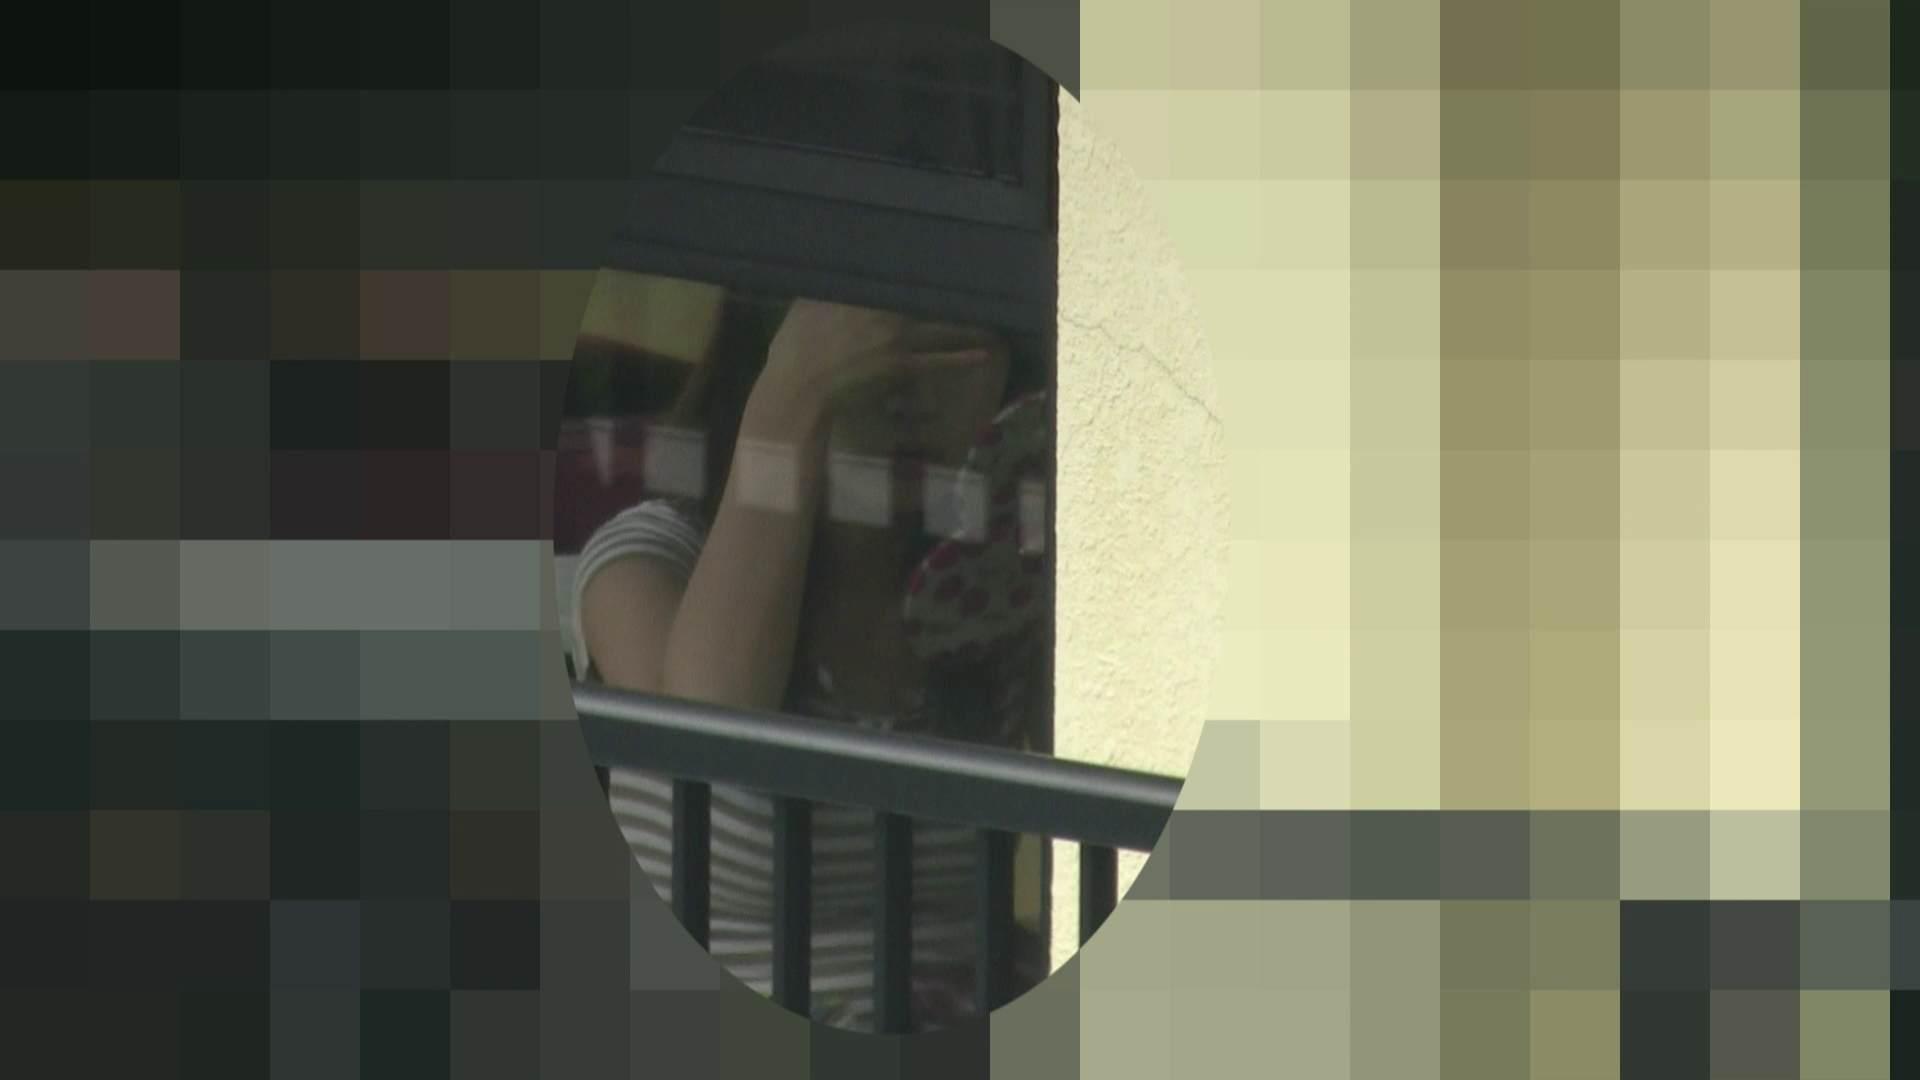 高画質露天女風呂観察 vol.032 望遠 おまんこ無修正動画無料 103pic 71